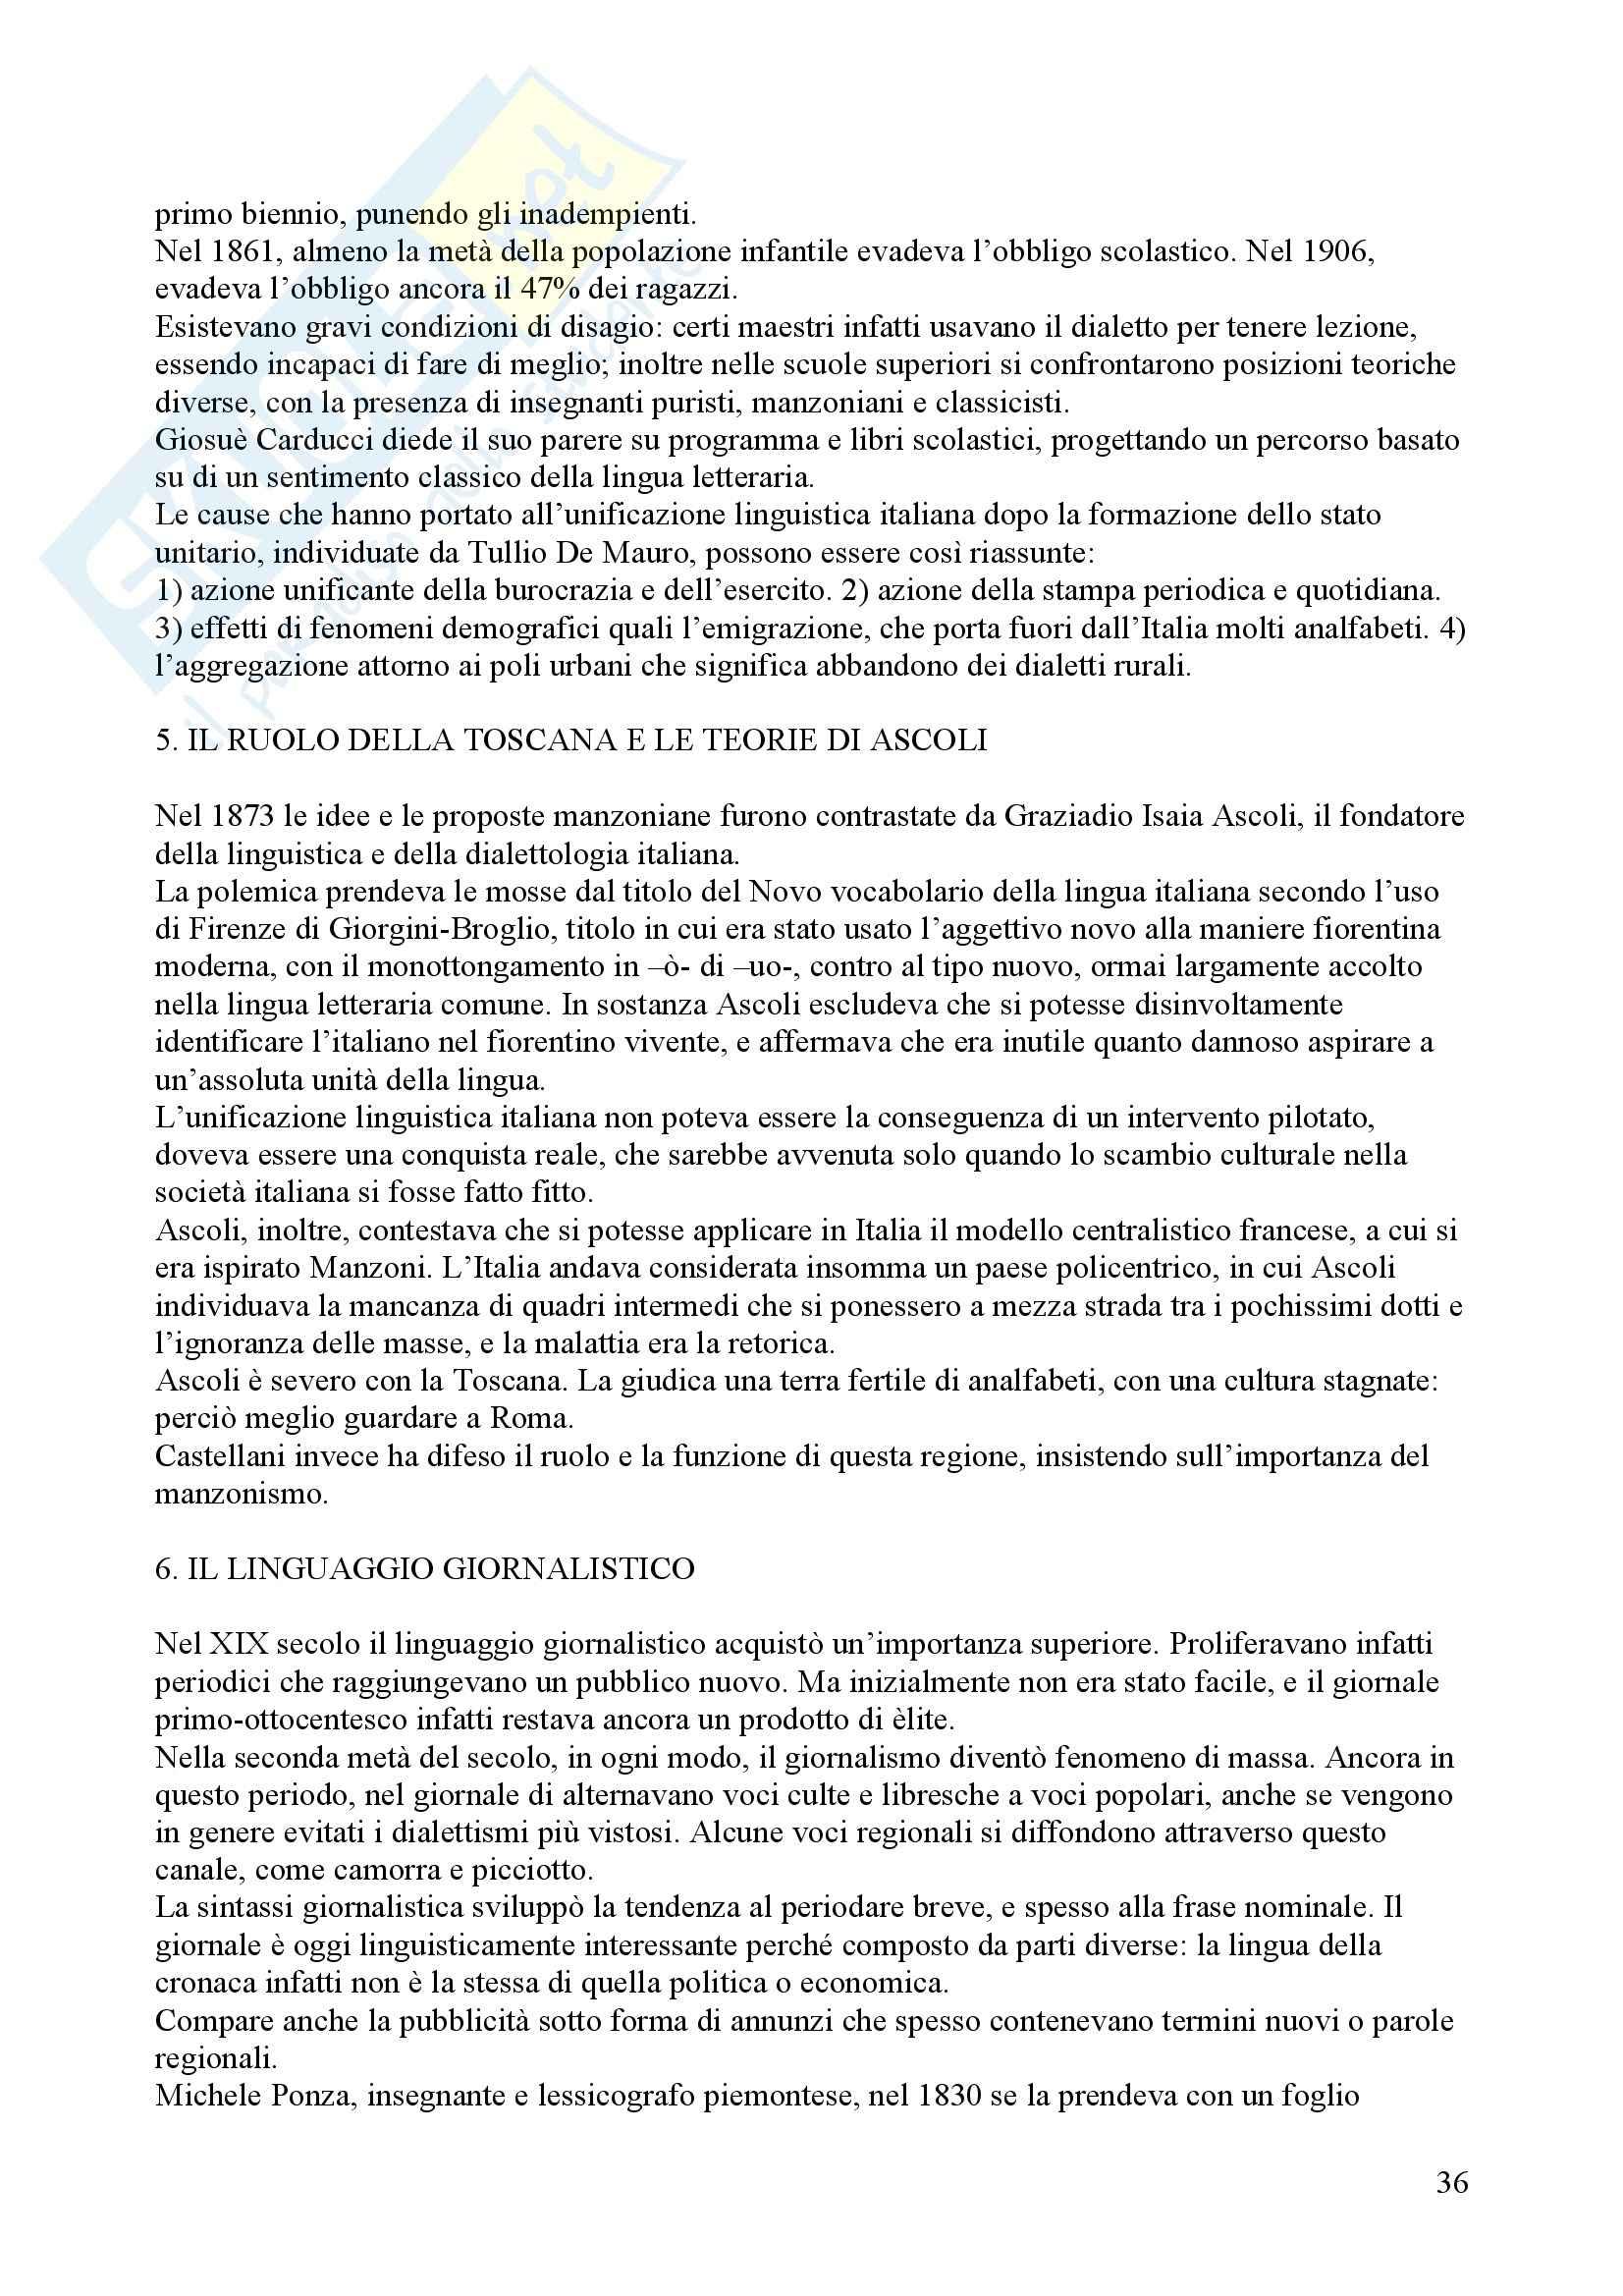 Tecniche espressive e composizione testi in italiano - Claudio Marazzini - breve storia della lingua italiana Pag. 36